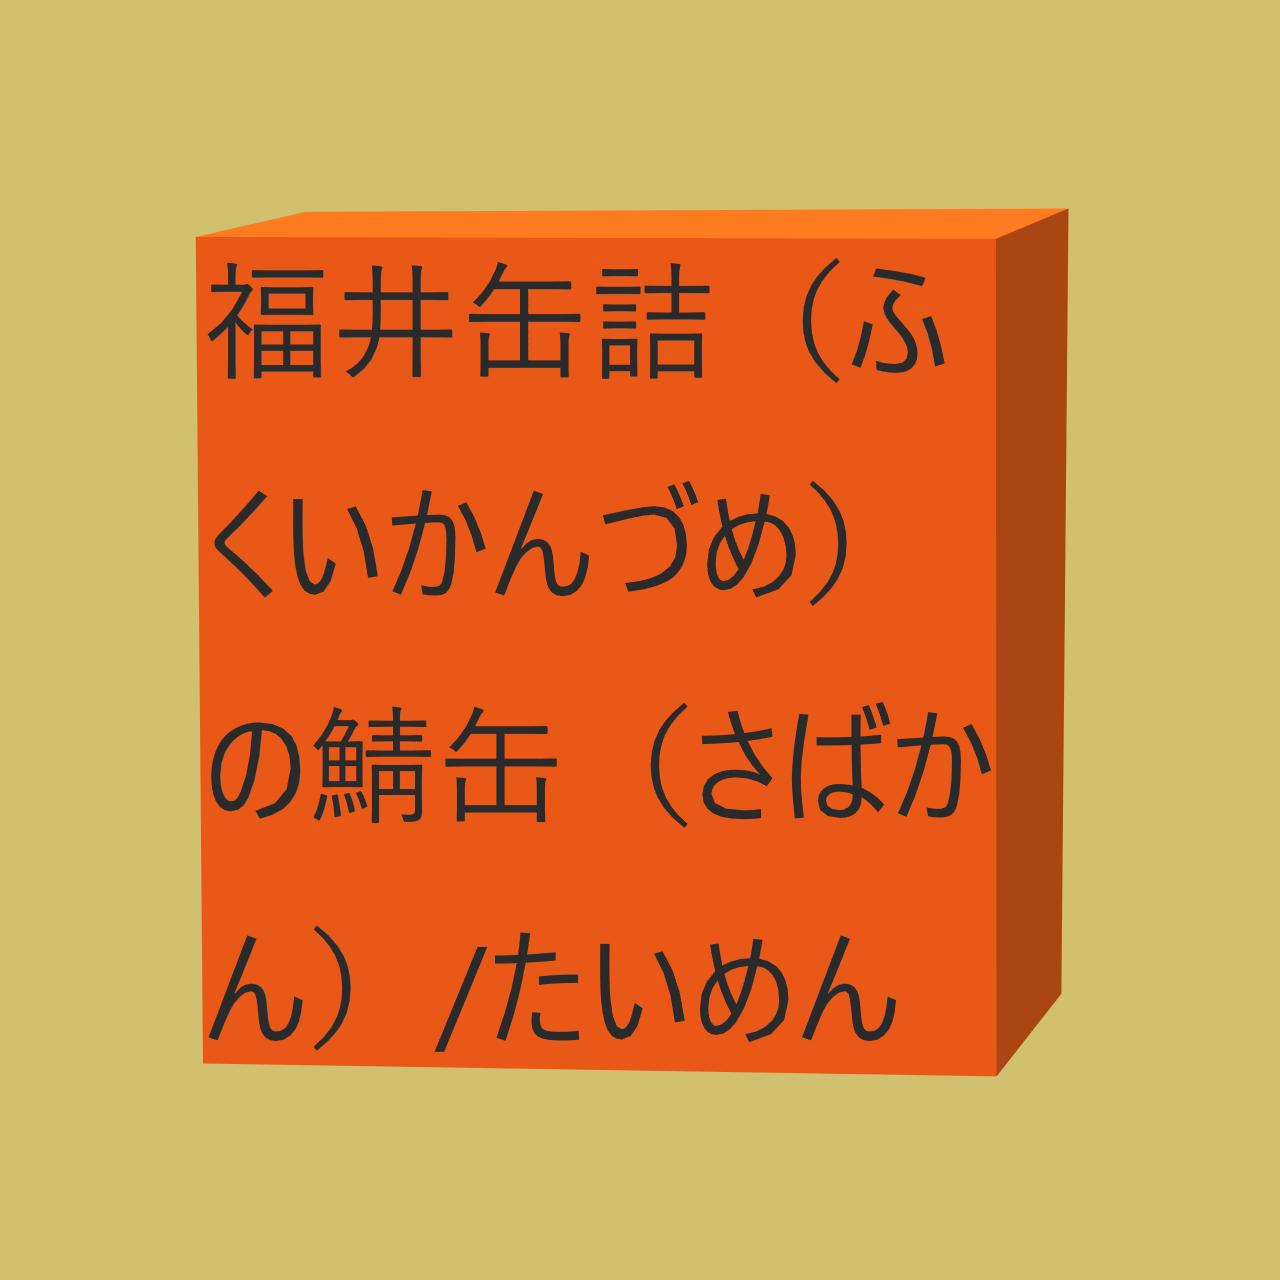 福井缶詰株式会社(ふくいかんづめかぶしきがいしゃ)の鯖缶(さばかん)、たいめんや販売者(はんばいしゃ)へのお問合(といあわ)せ、缶詰(かんづめ)の側面(そくめん)などにかかる画像(がぞう)